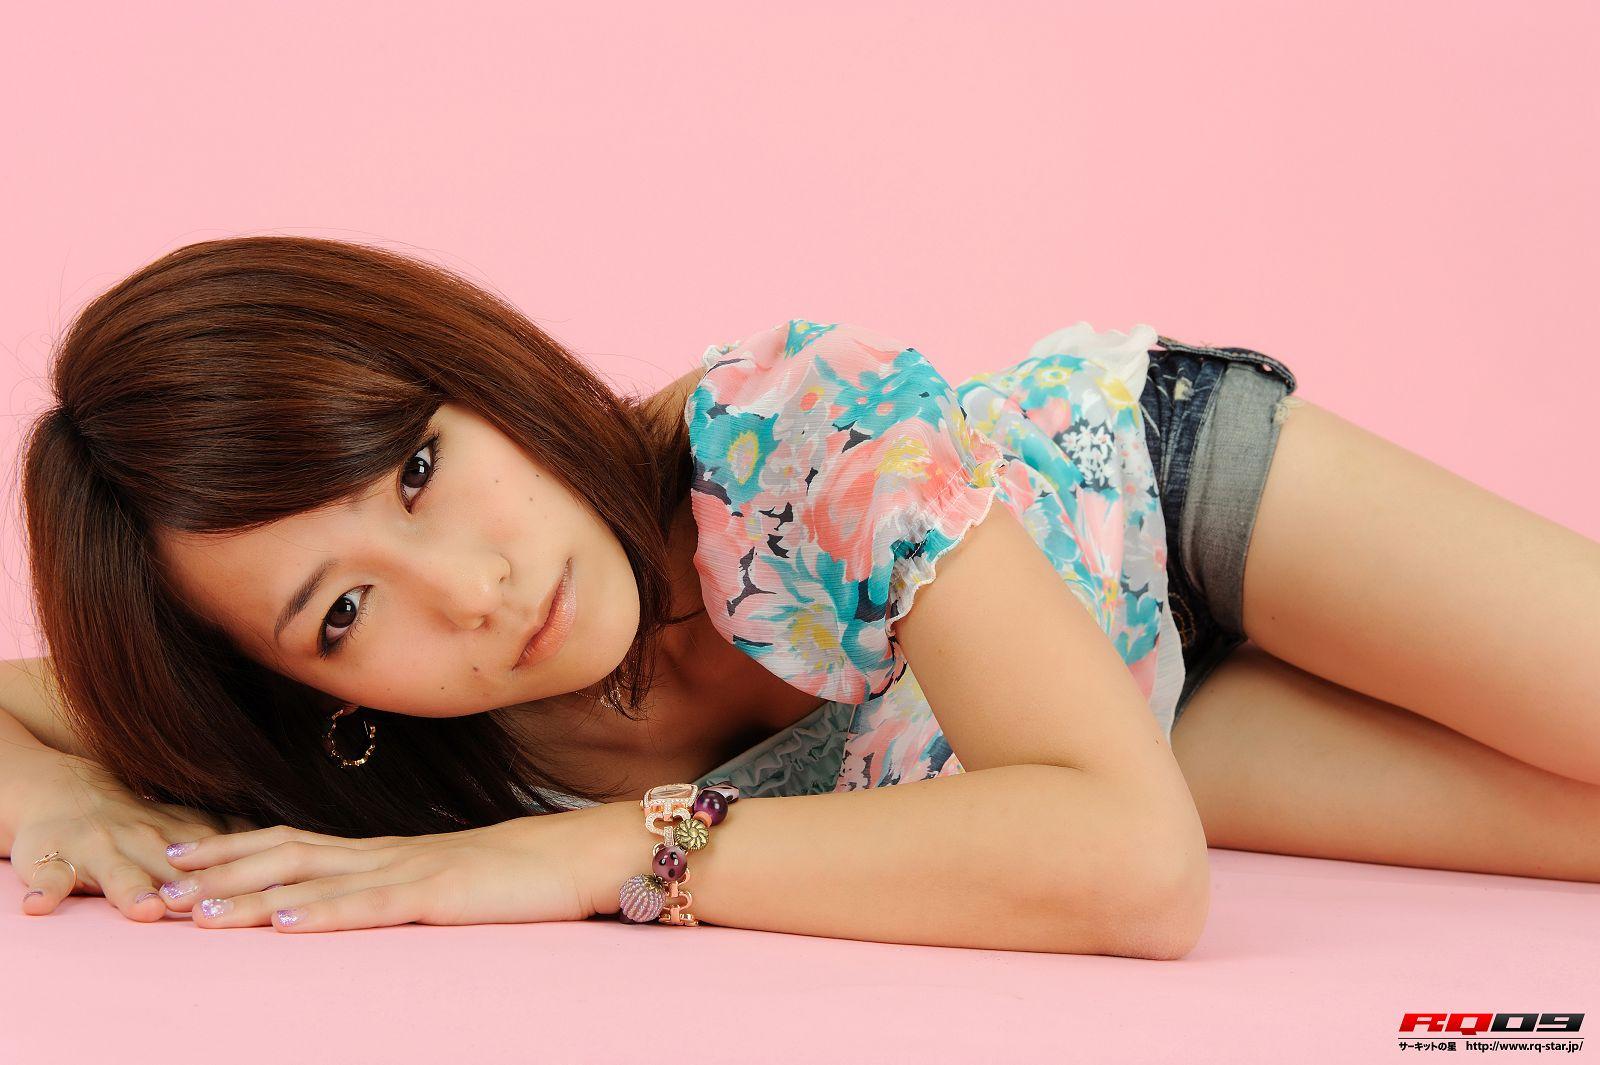 [RQ STAR美女] NO.0168 Misato Kashiwagi 柏木美里 Private Dress[101P] RQ STAR 第3张